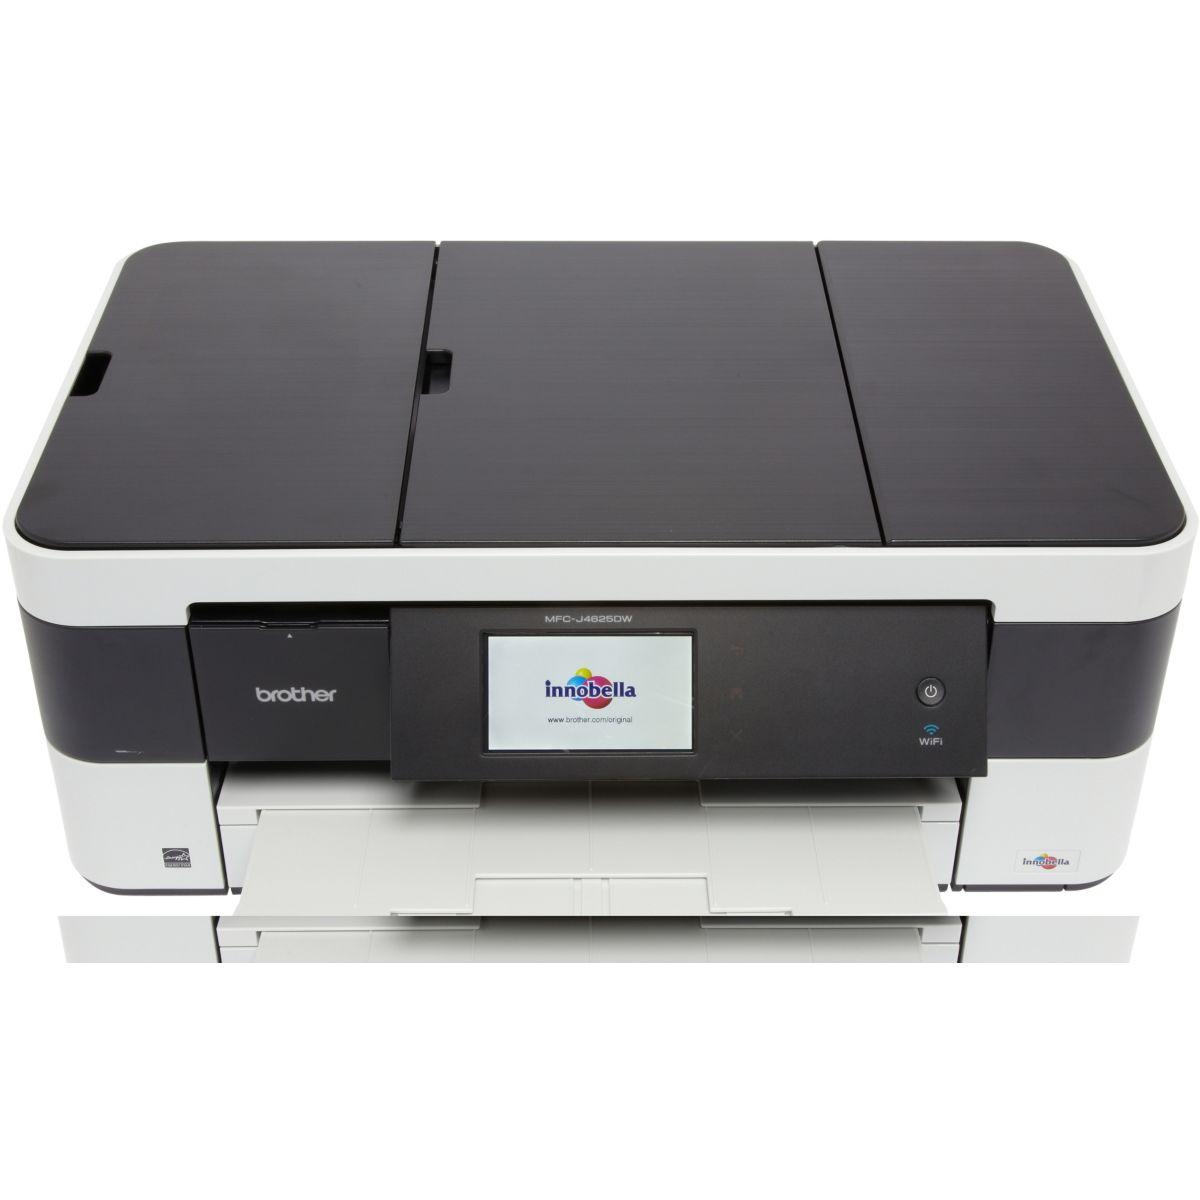 Imprimante jet d'encre brother mfc-j4625dw - livraison offerte : code premium (photo)